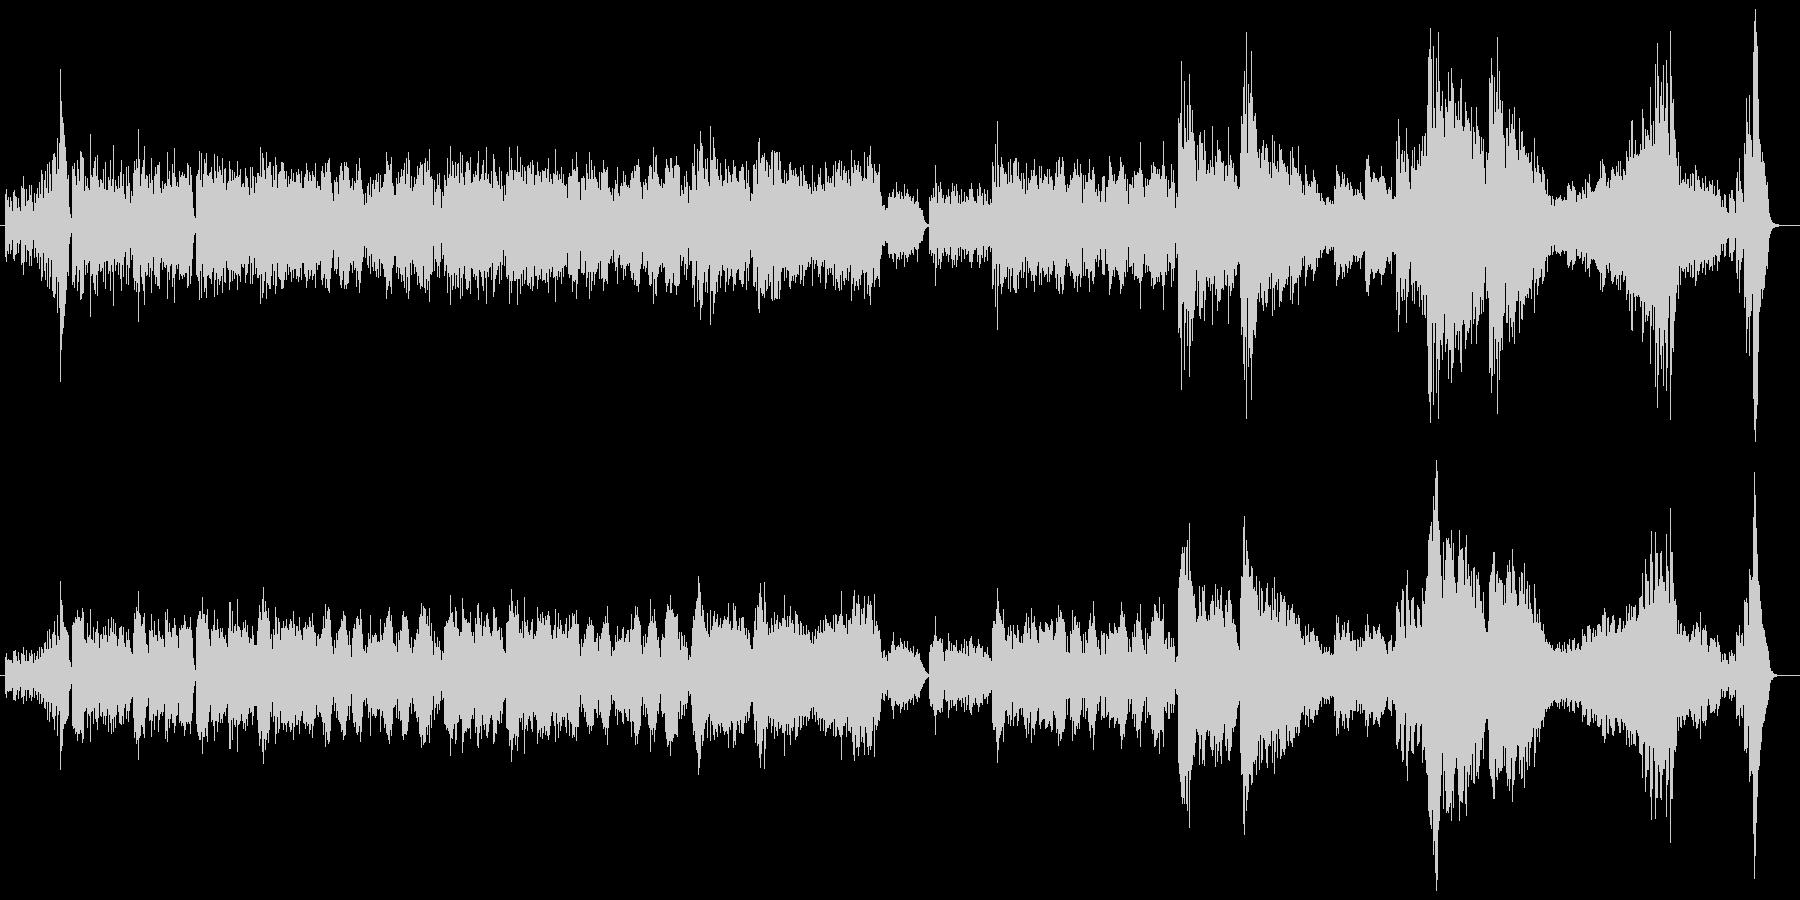 ワルツ 第1番 ピアノソロ版の未再生の波形